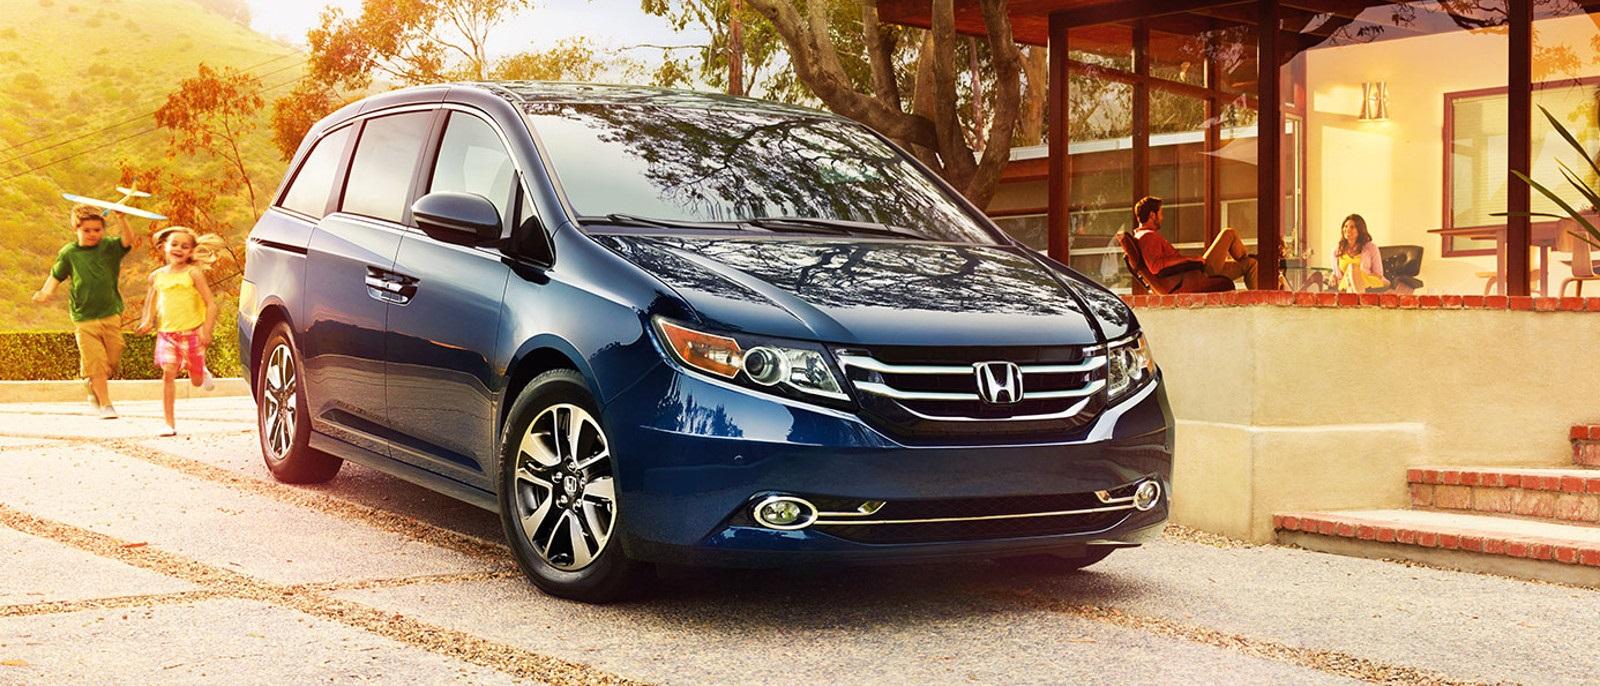 High Quality 2016 Honda Odyssey; 2016 Honda Odyssey ...